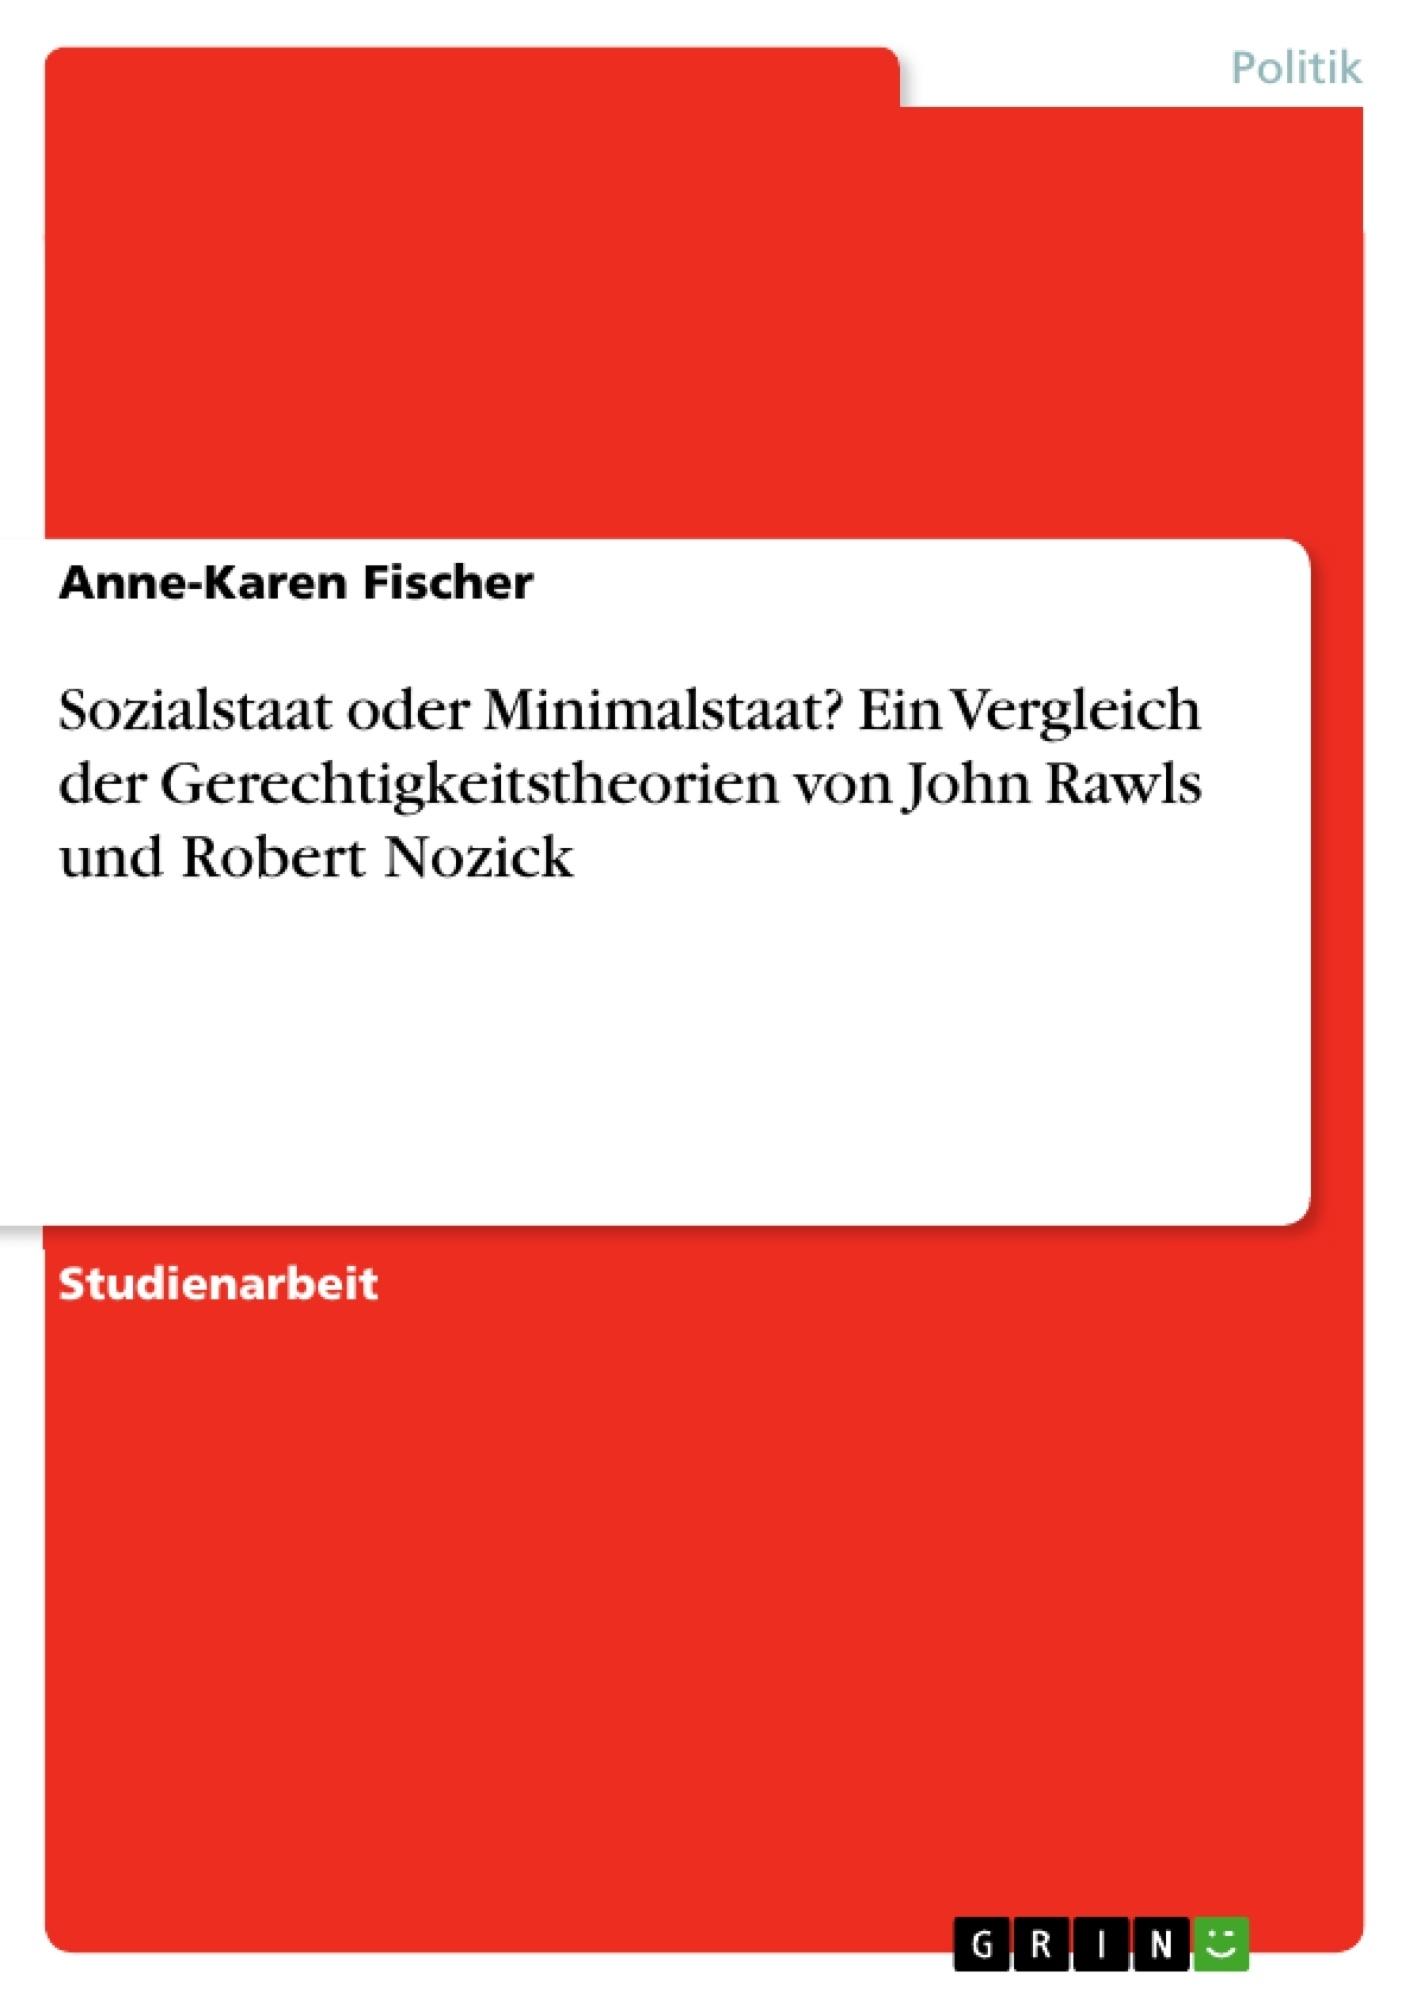 Titel: Sozialstaat oder Minimalstaat? Ein Vergleich der Gerechtigkeitstheorien von John Rawls und Robert Nozick